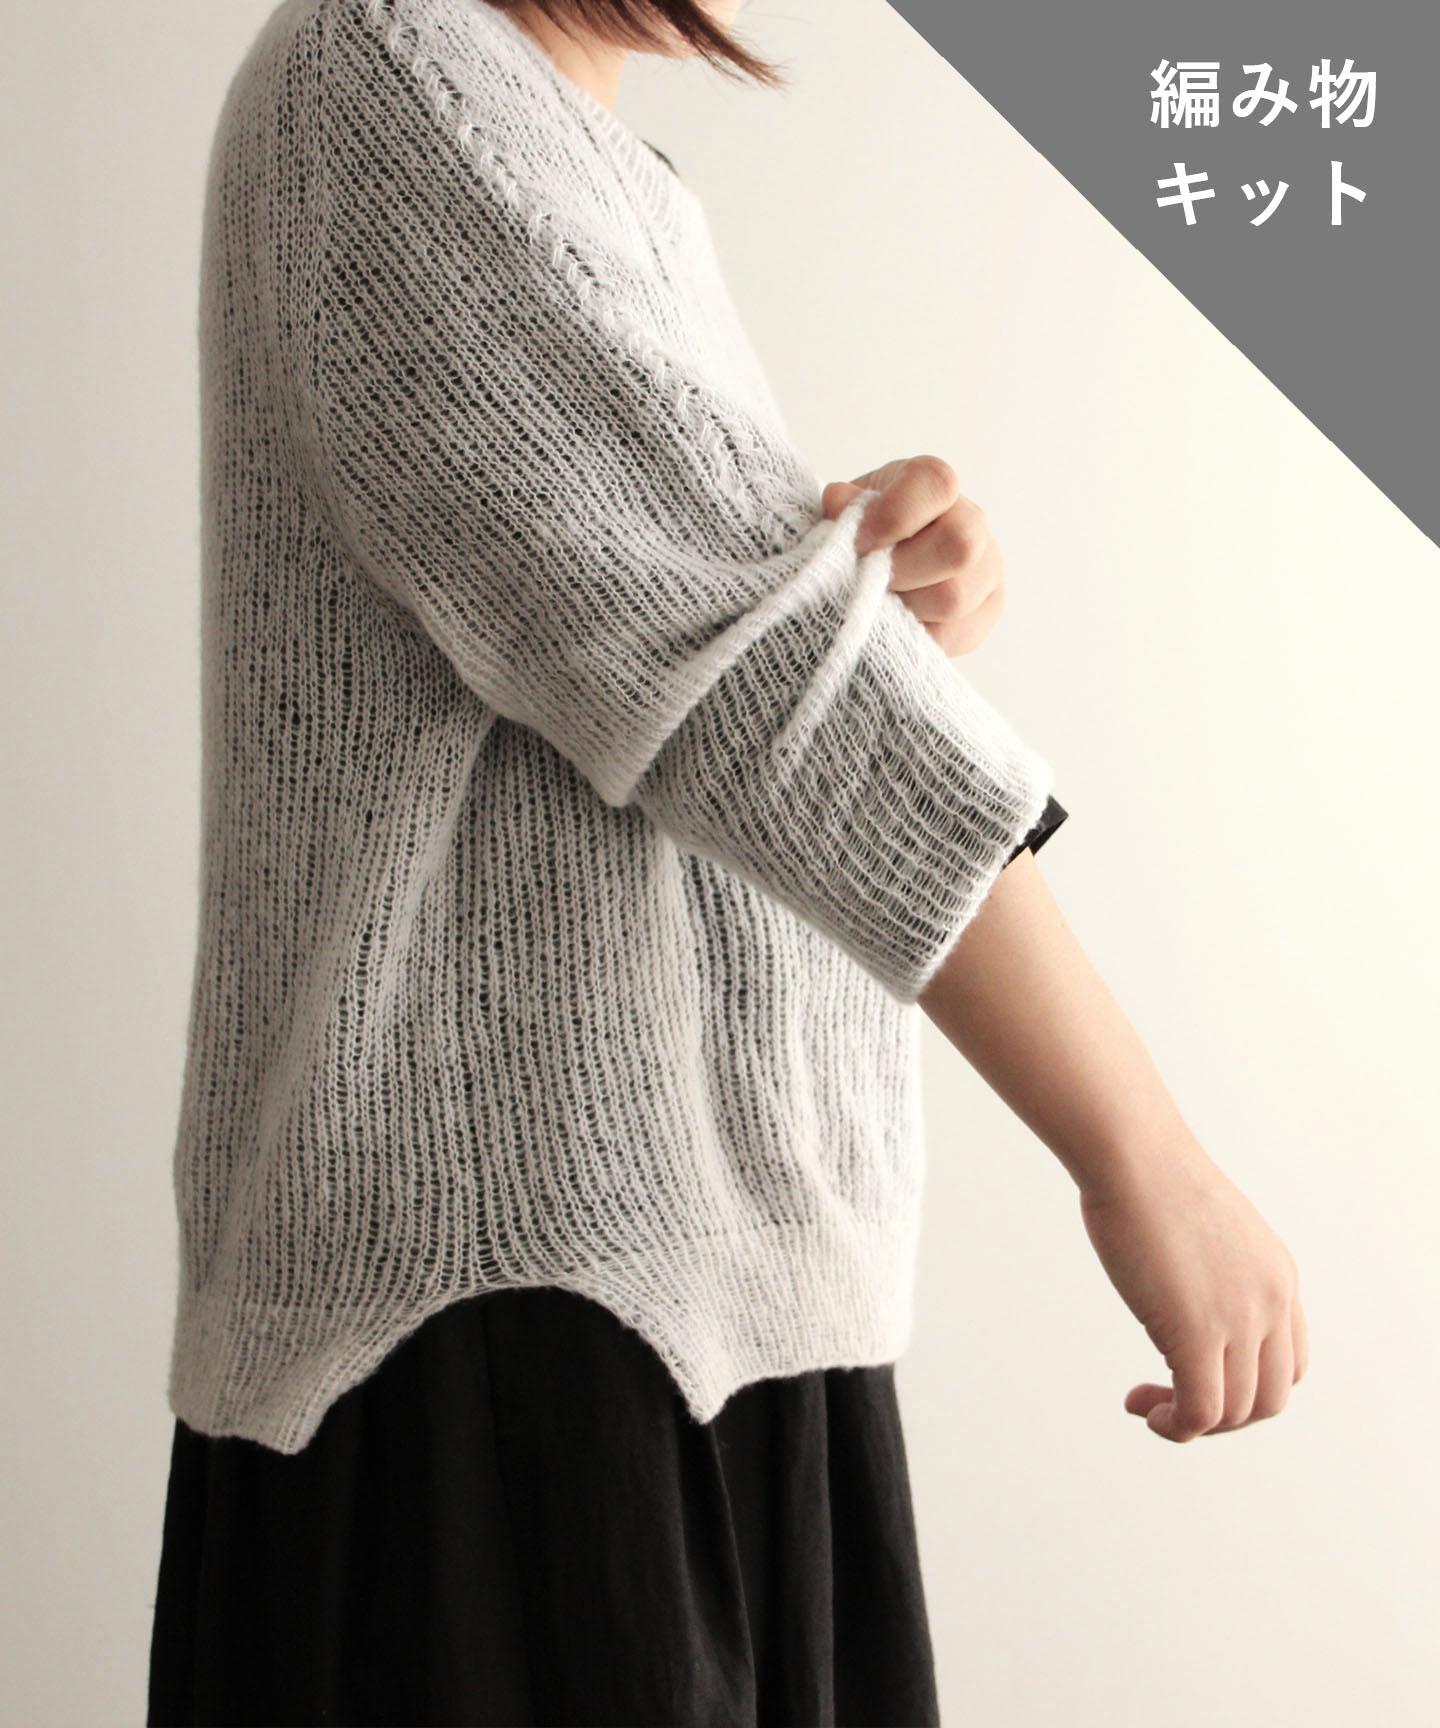 【編み物キット】トップダウンセータ―(糸:No.11)